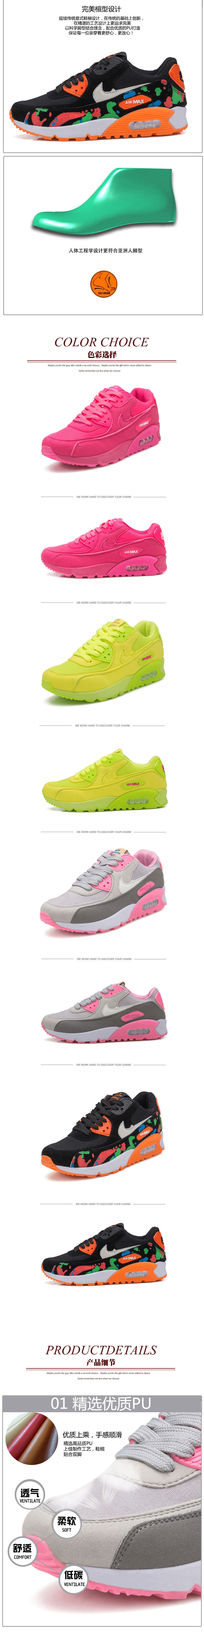 淘宝运动鞋详情页PSD素材模板